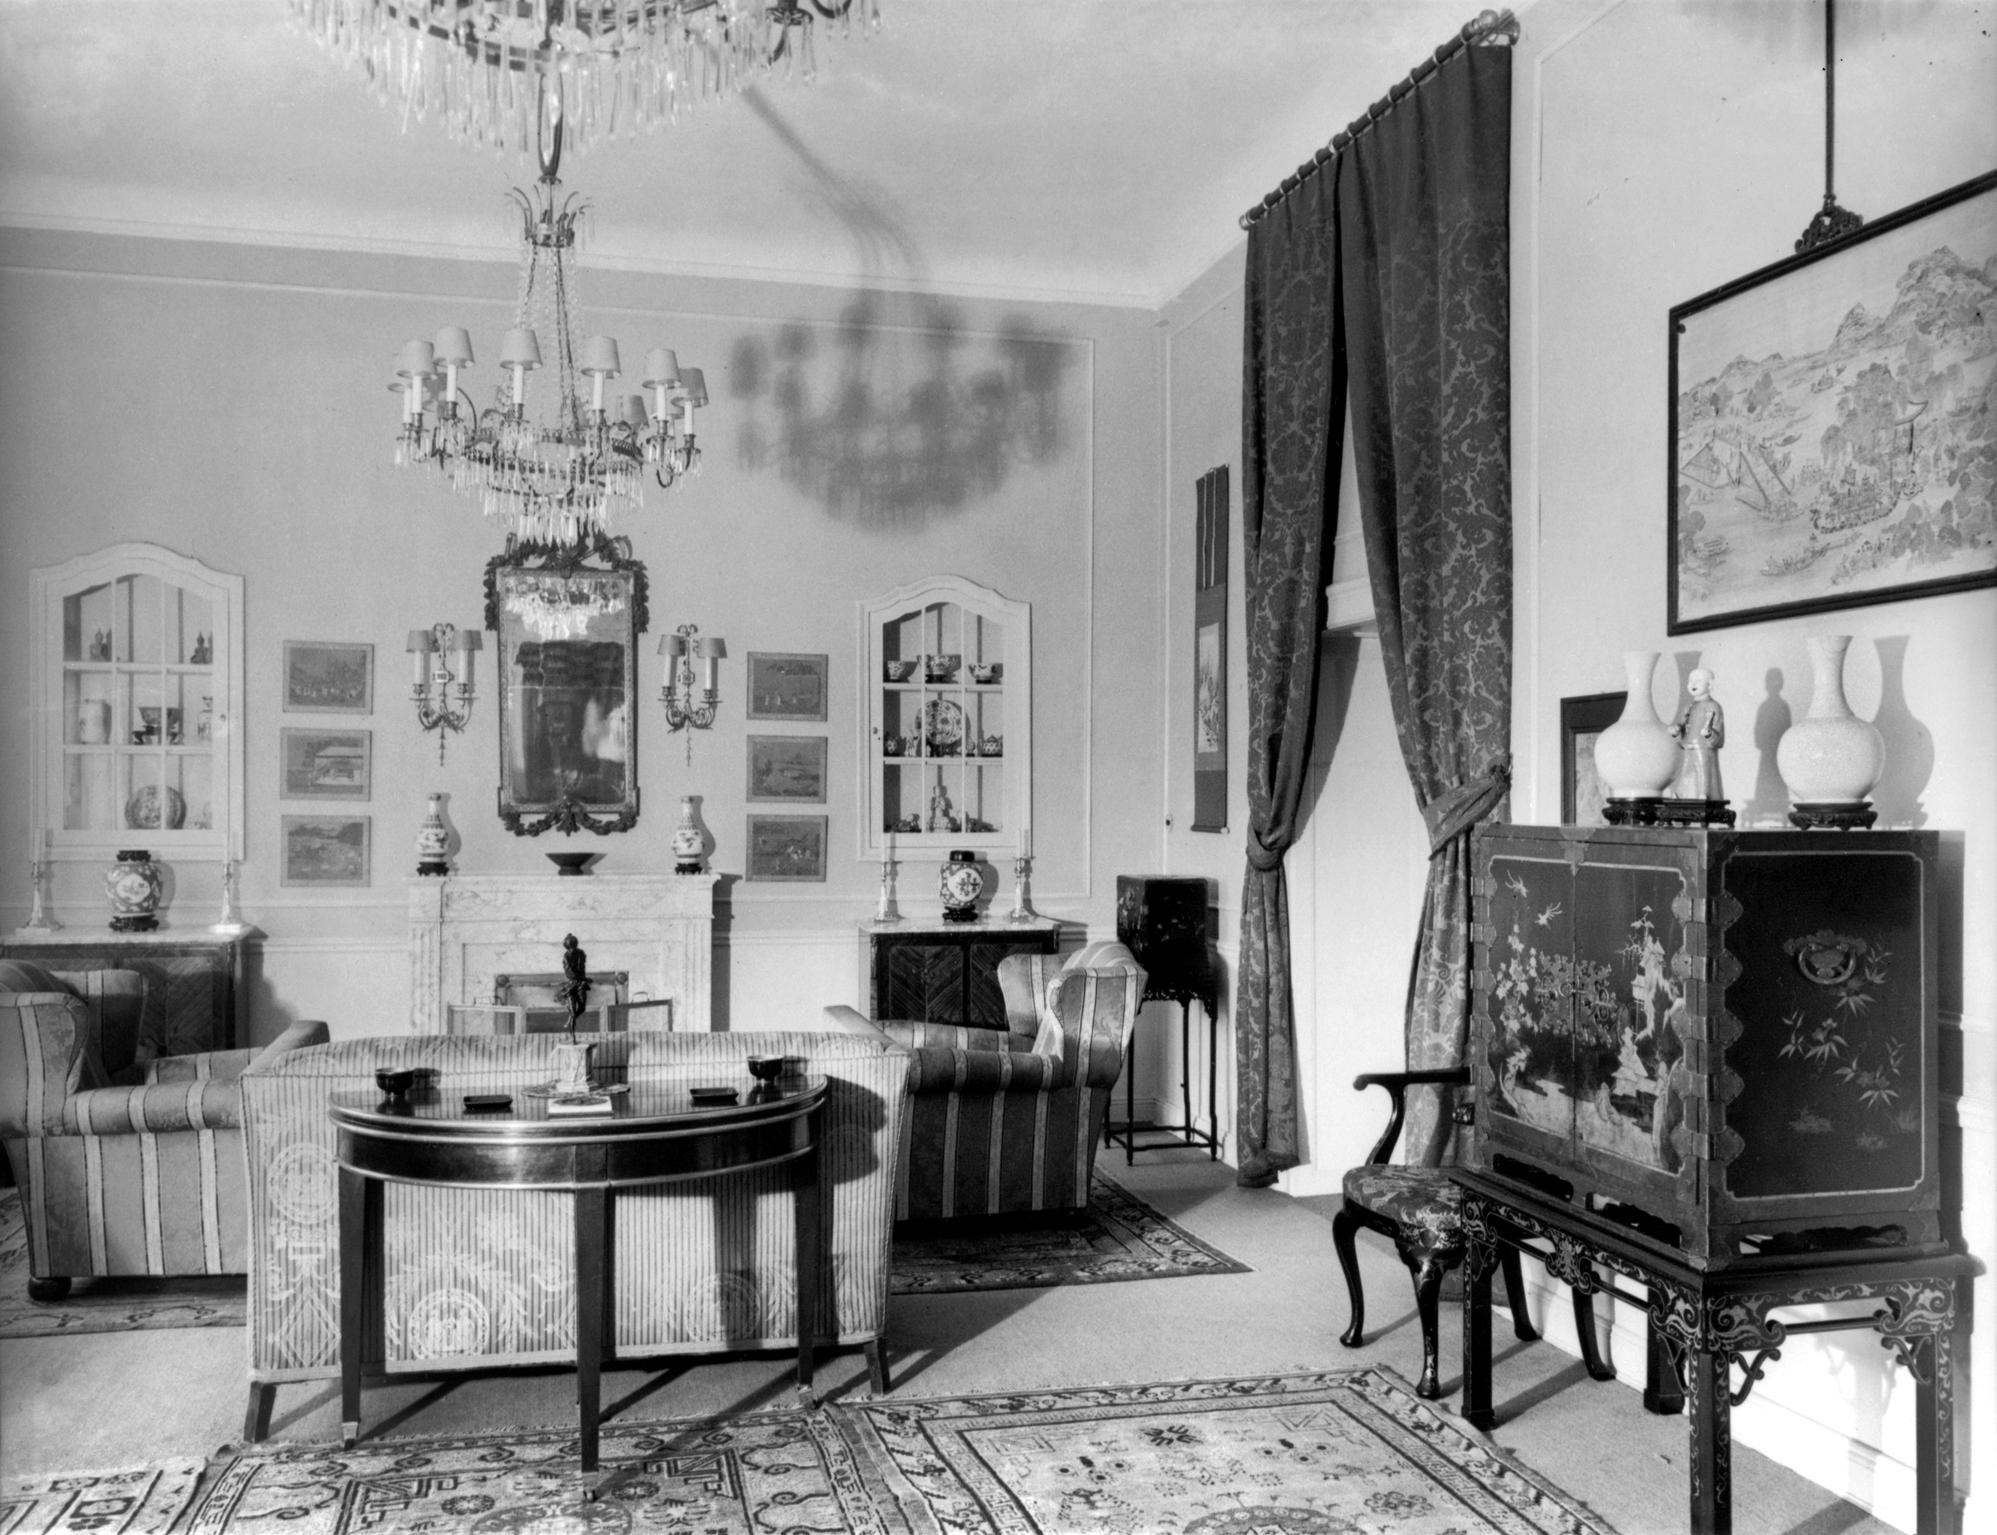 Raubkunst: Wohnung Lissa in den 1920er Jahren in Berlin, Landesarchiv Berlin, F Rep 290-05-01-211, Foto: Martha Huth